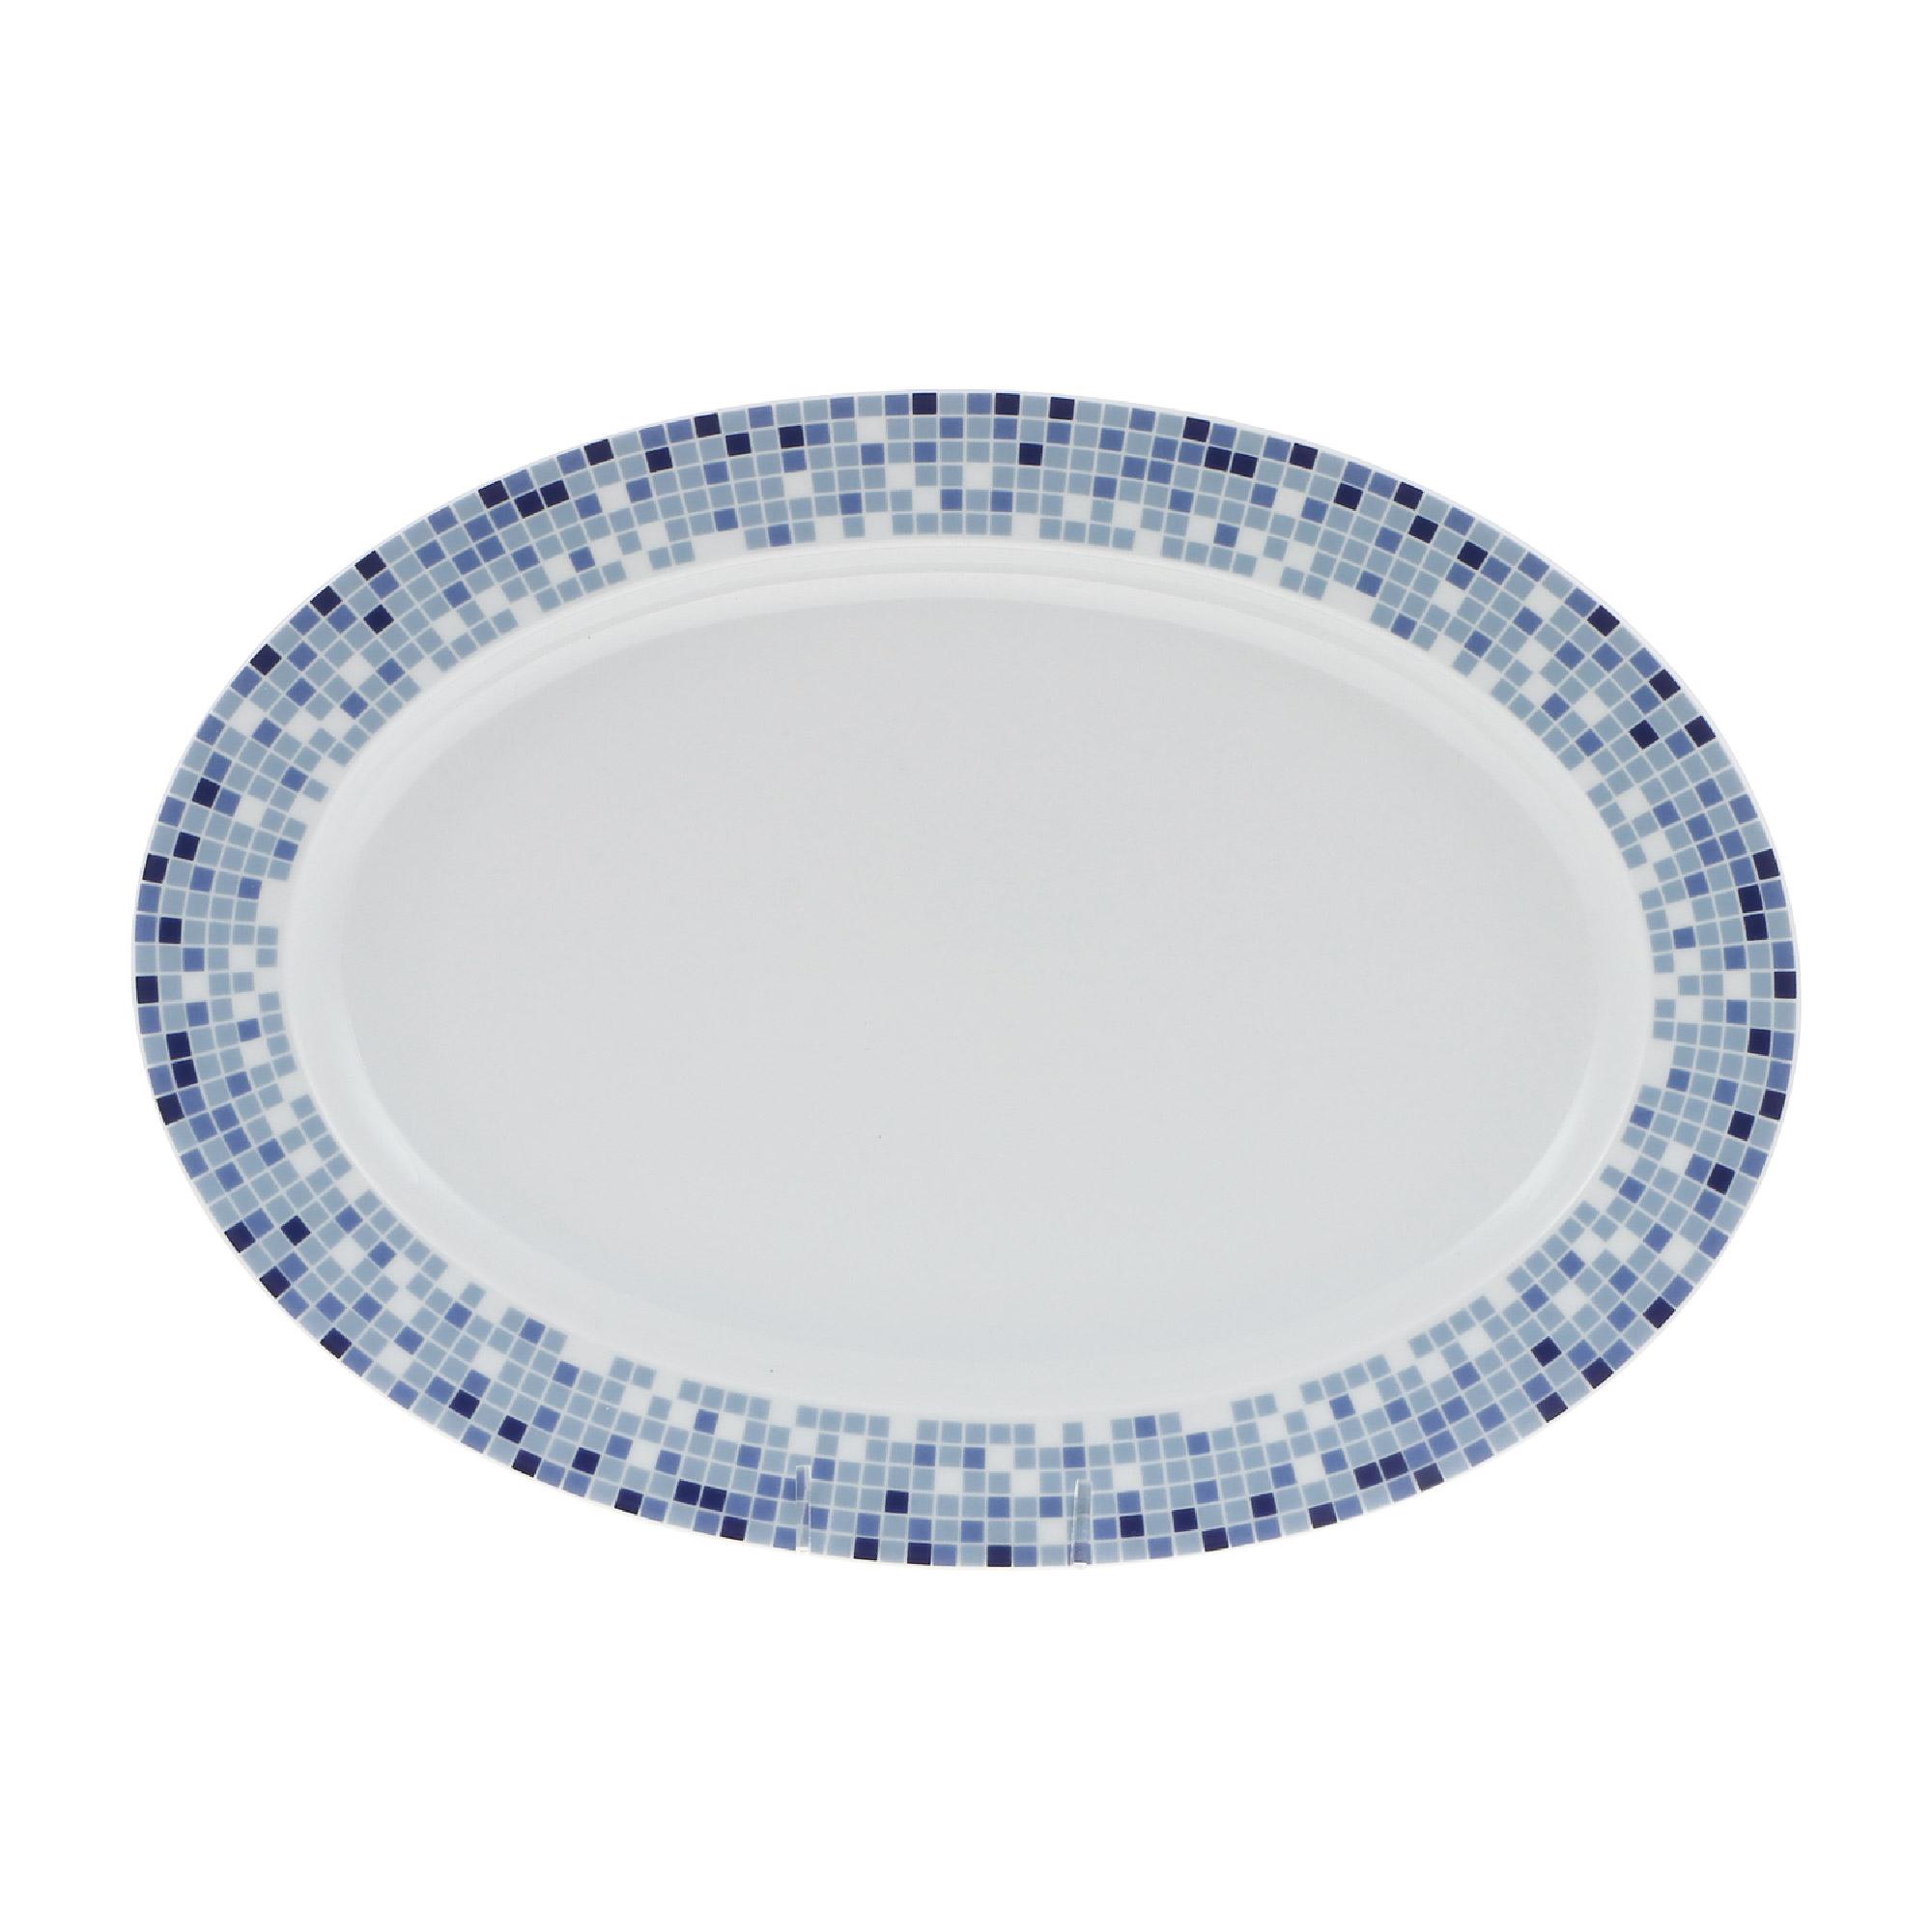 Фото - Блюдо овальное 36 см Thun1794 декор мозаика блюдо овальное 36 см falkenporzellan блюдо овальное 36 см